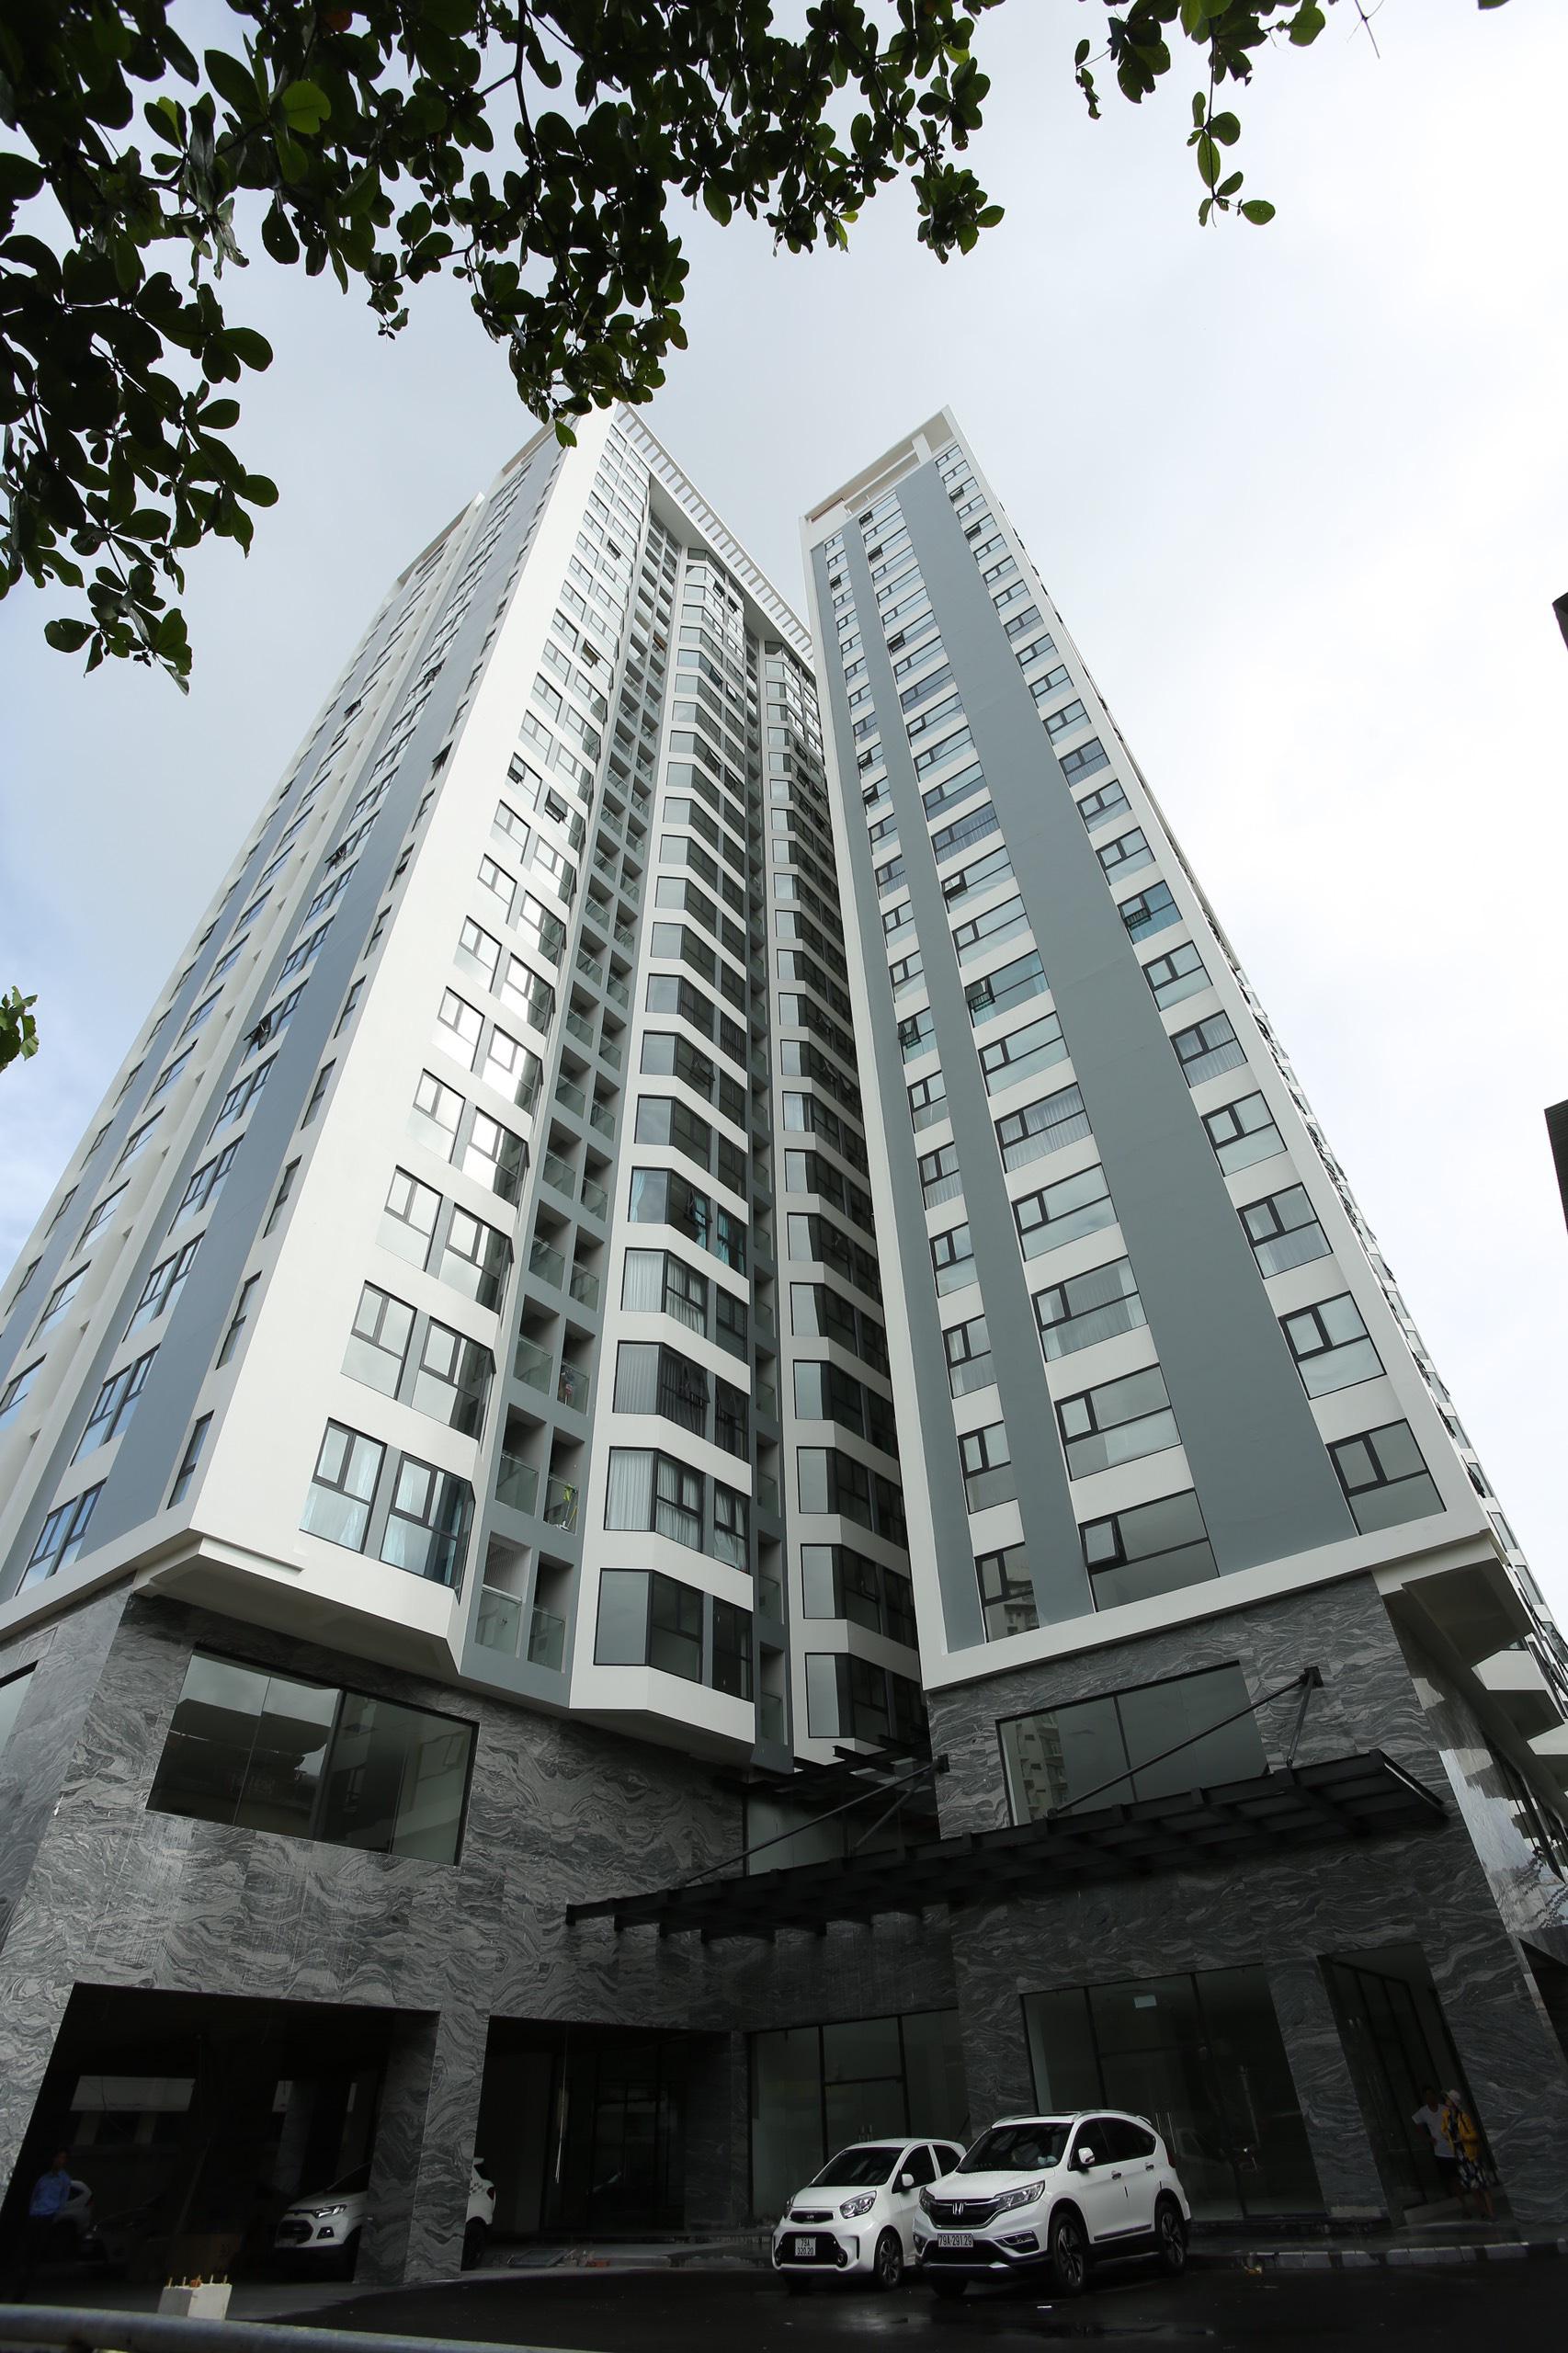 Khách hàng nhận bàn giao căn hộ Hud building Nha Trang, đón mùa xuân mới trên thành phố biển - Ảnh 1.